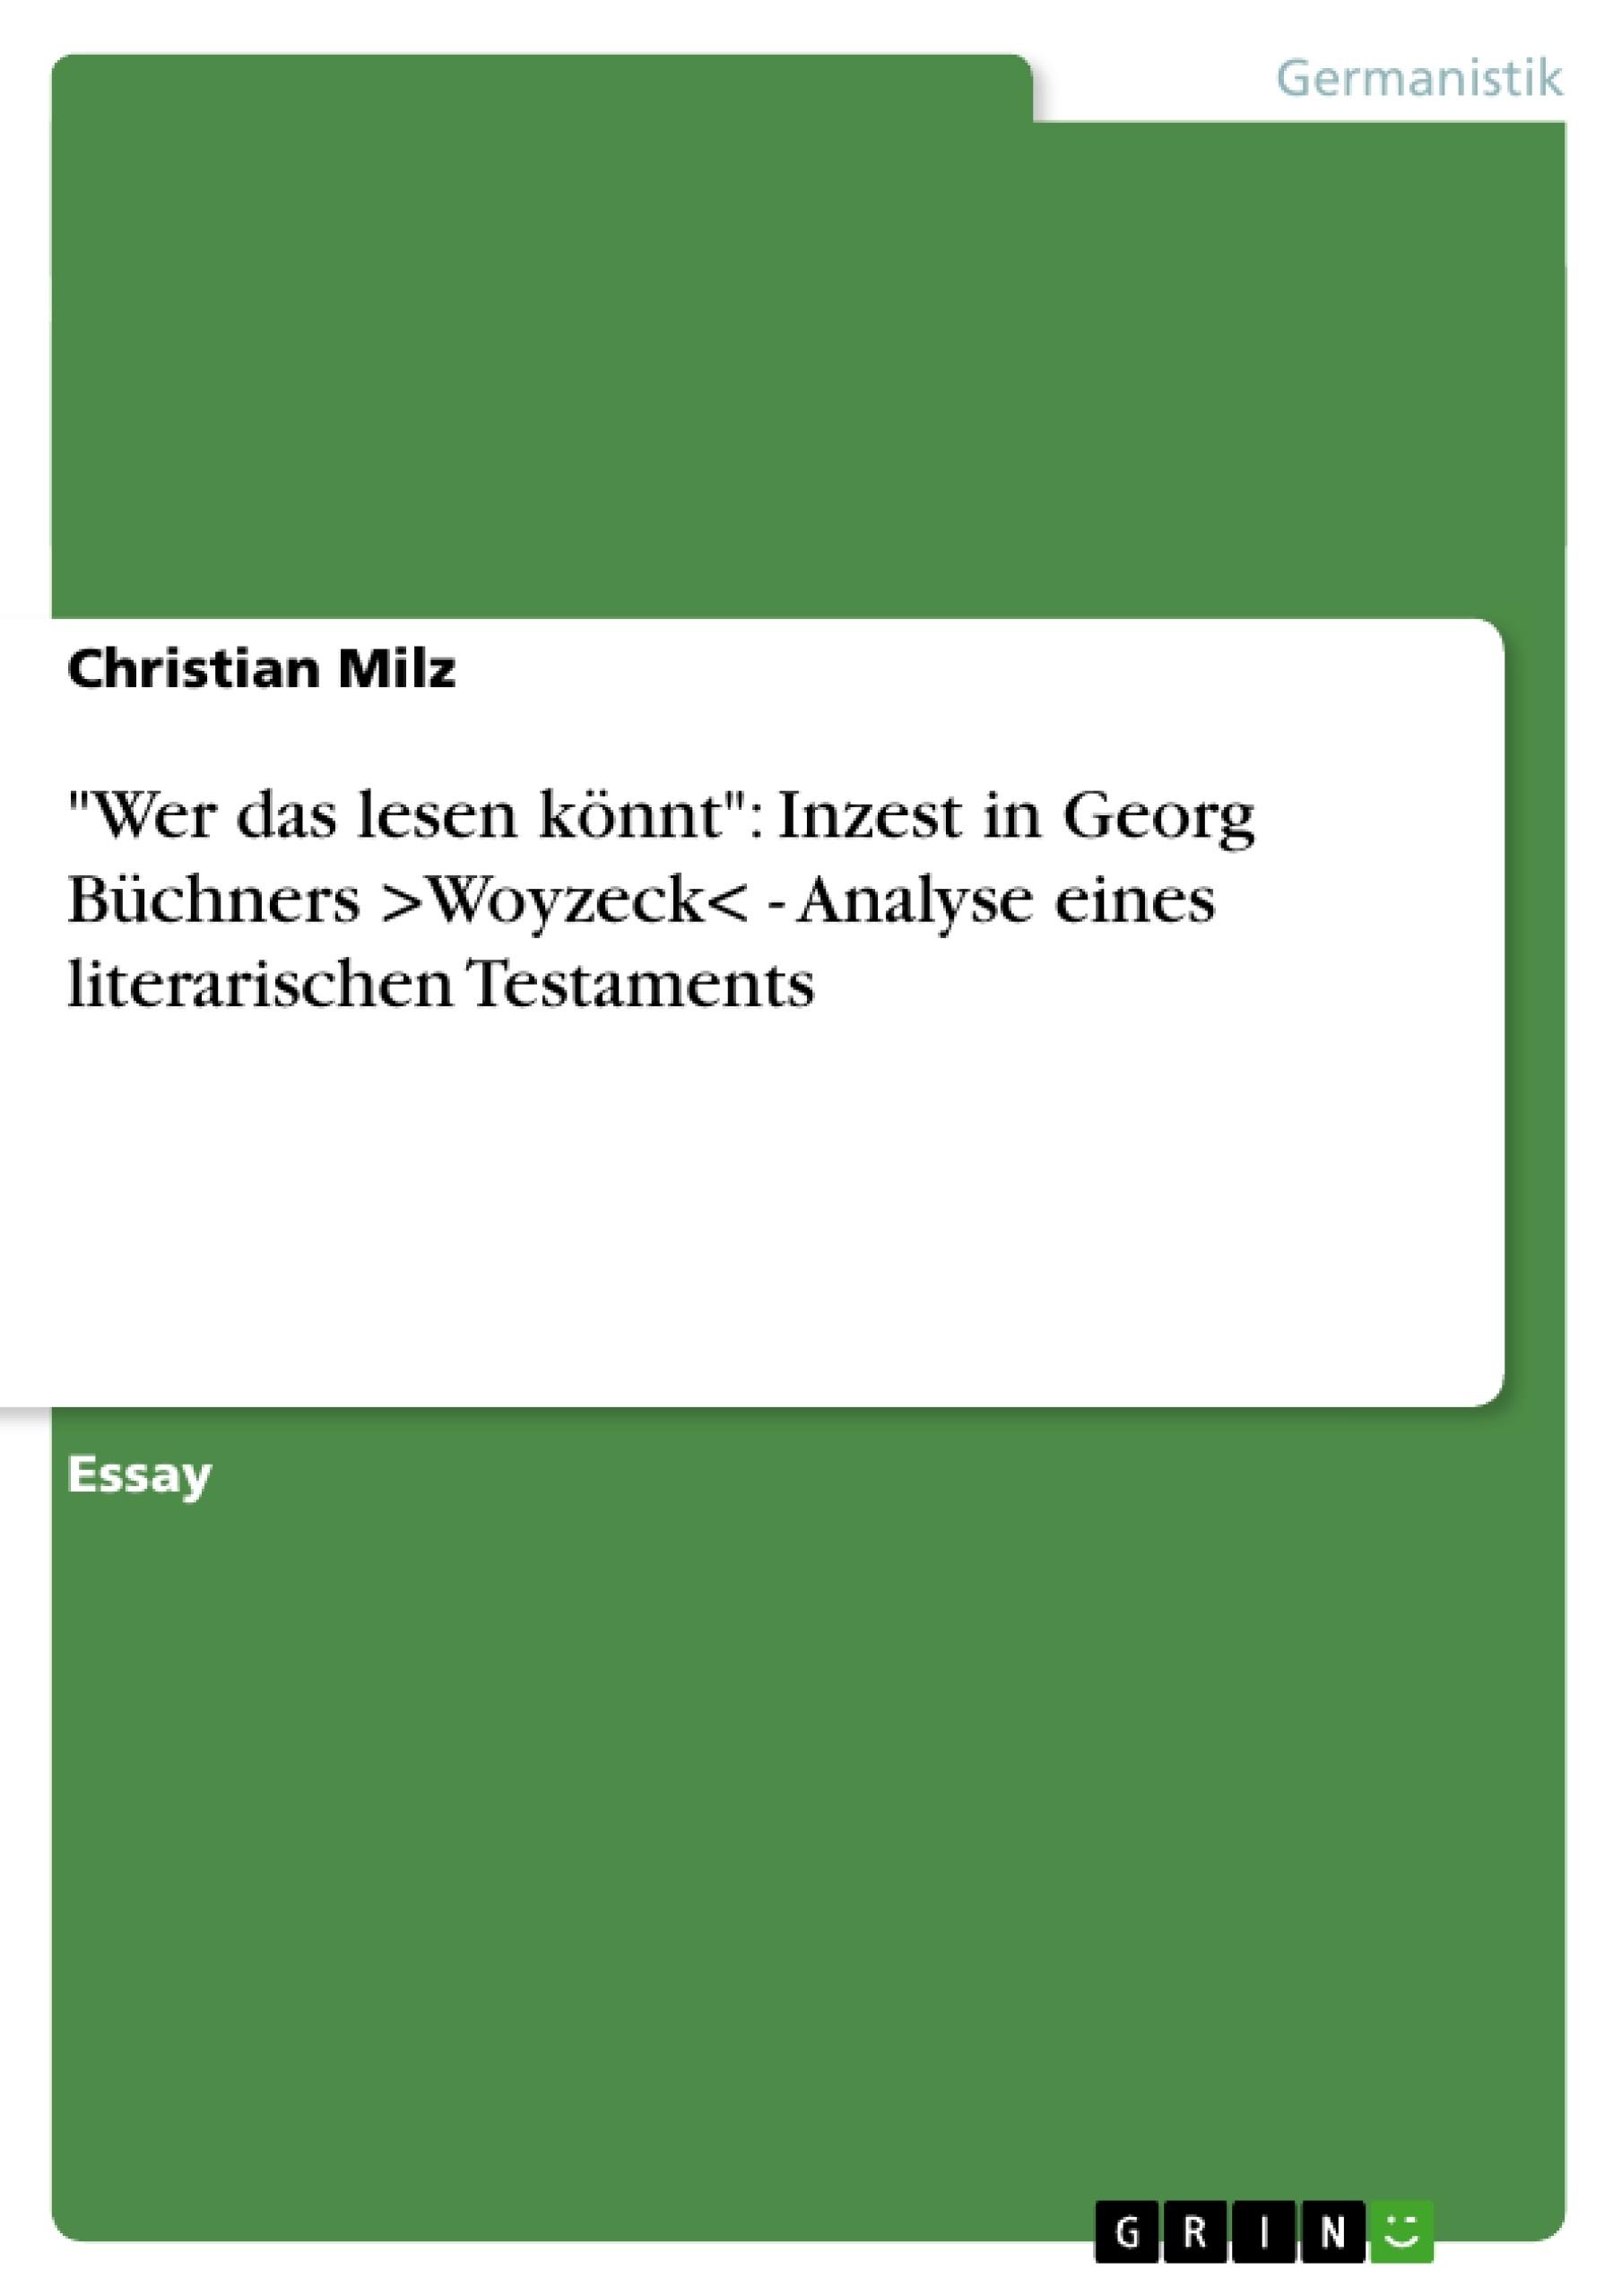 """Titel: """"Wer das lesen könnt"""": Inzest in Georg Büchners >Woyzeck< - Analyse eines literarischen Testaments"""